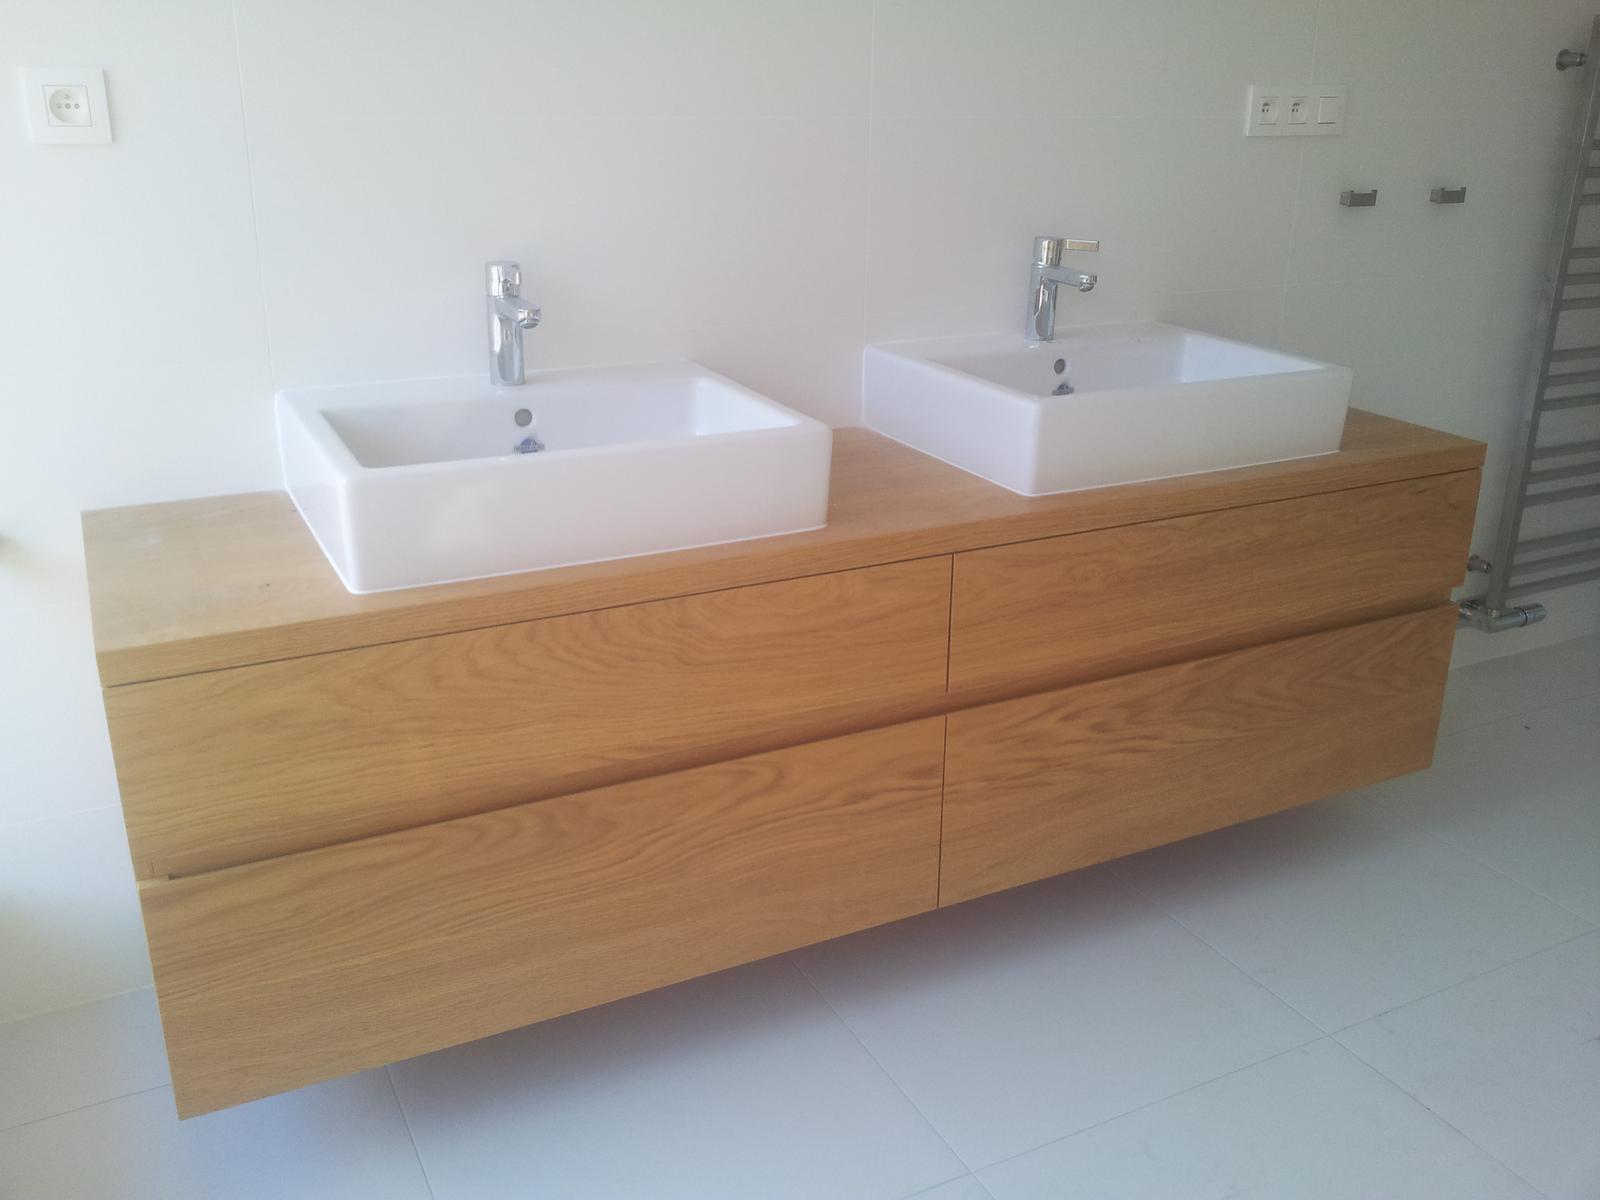 Dizajn a výroba nábytku na mieru Cubica - Závesná kúpeľňová skrinka - dub prírodný - výroba cubica